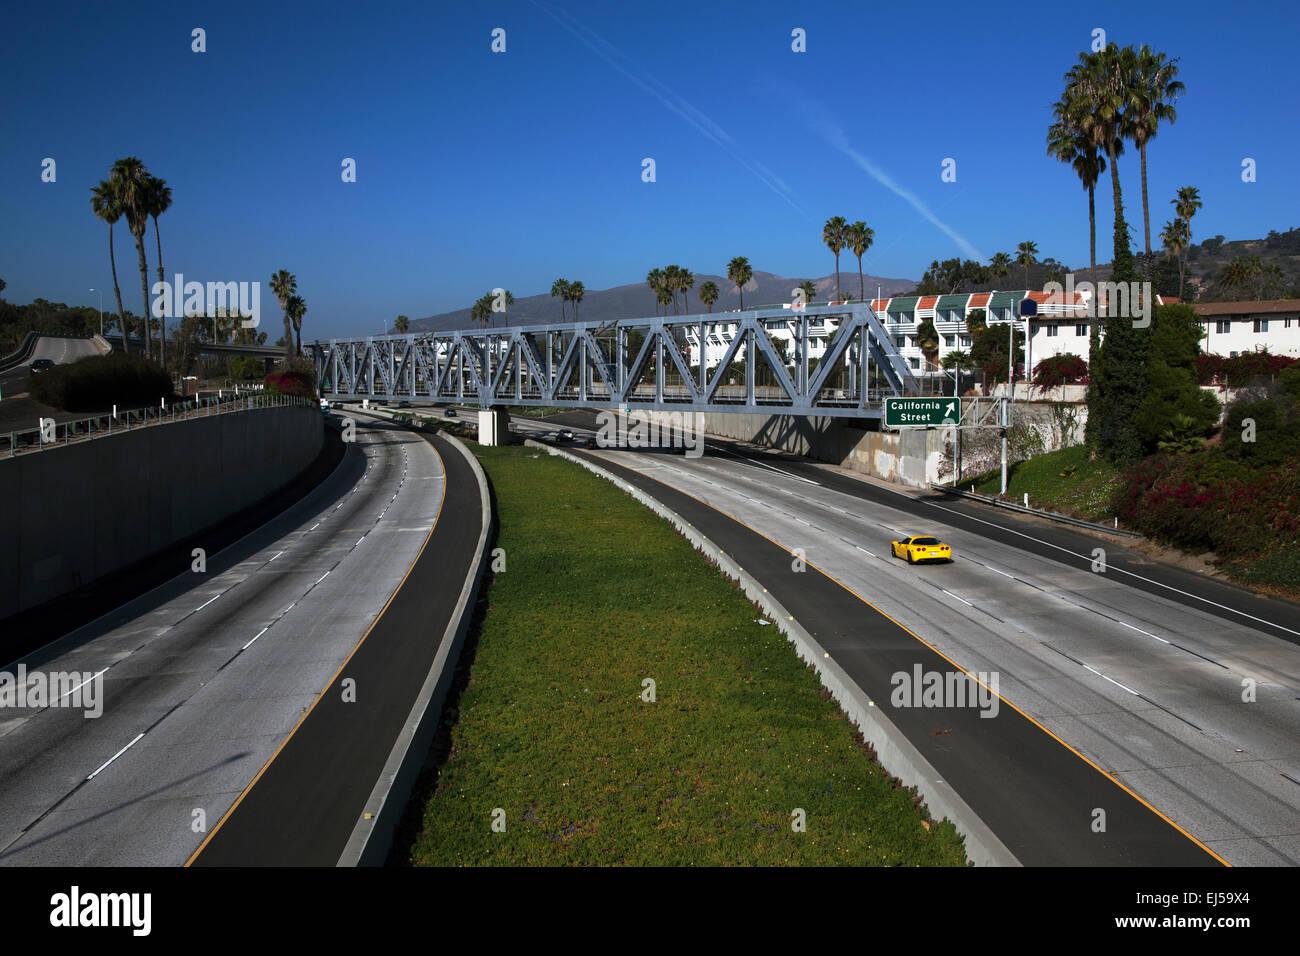 Yellow Corvette drives Route 101 at California Avenue, Ventura, California, USA - Stock Image